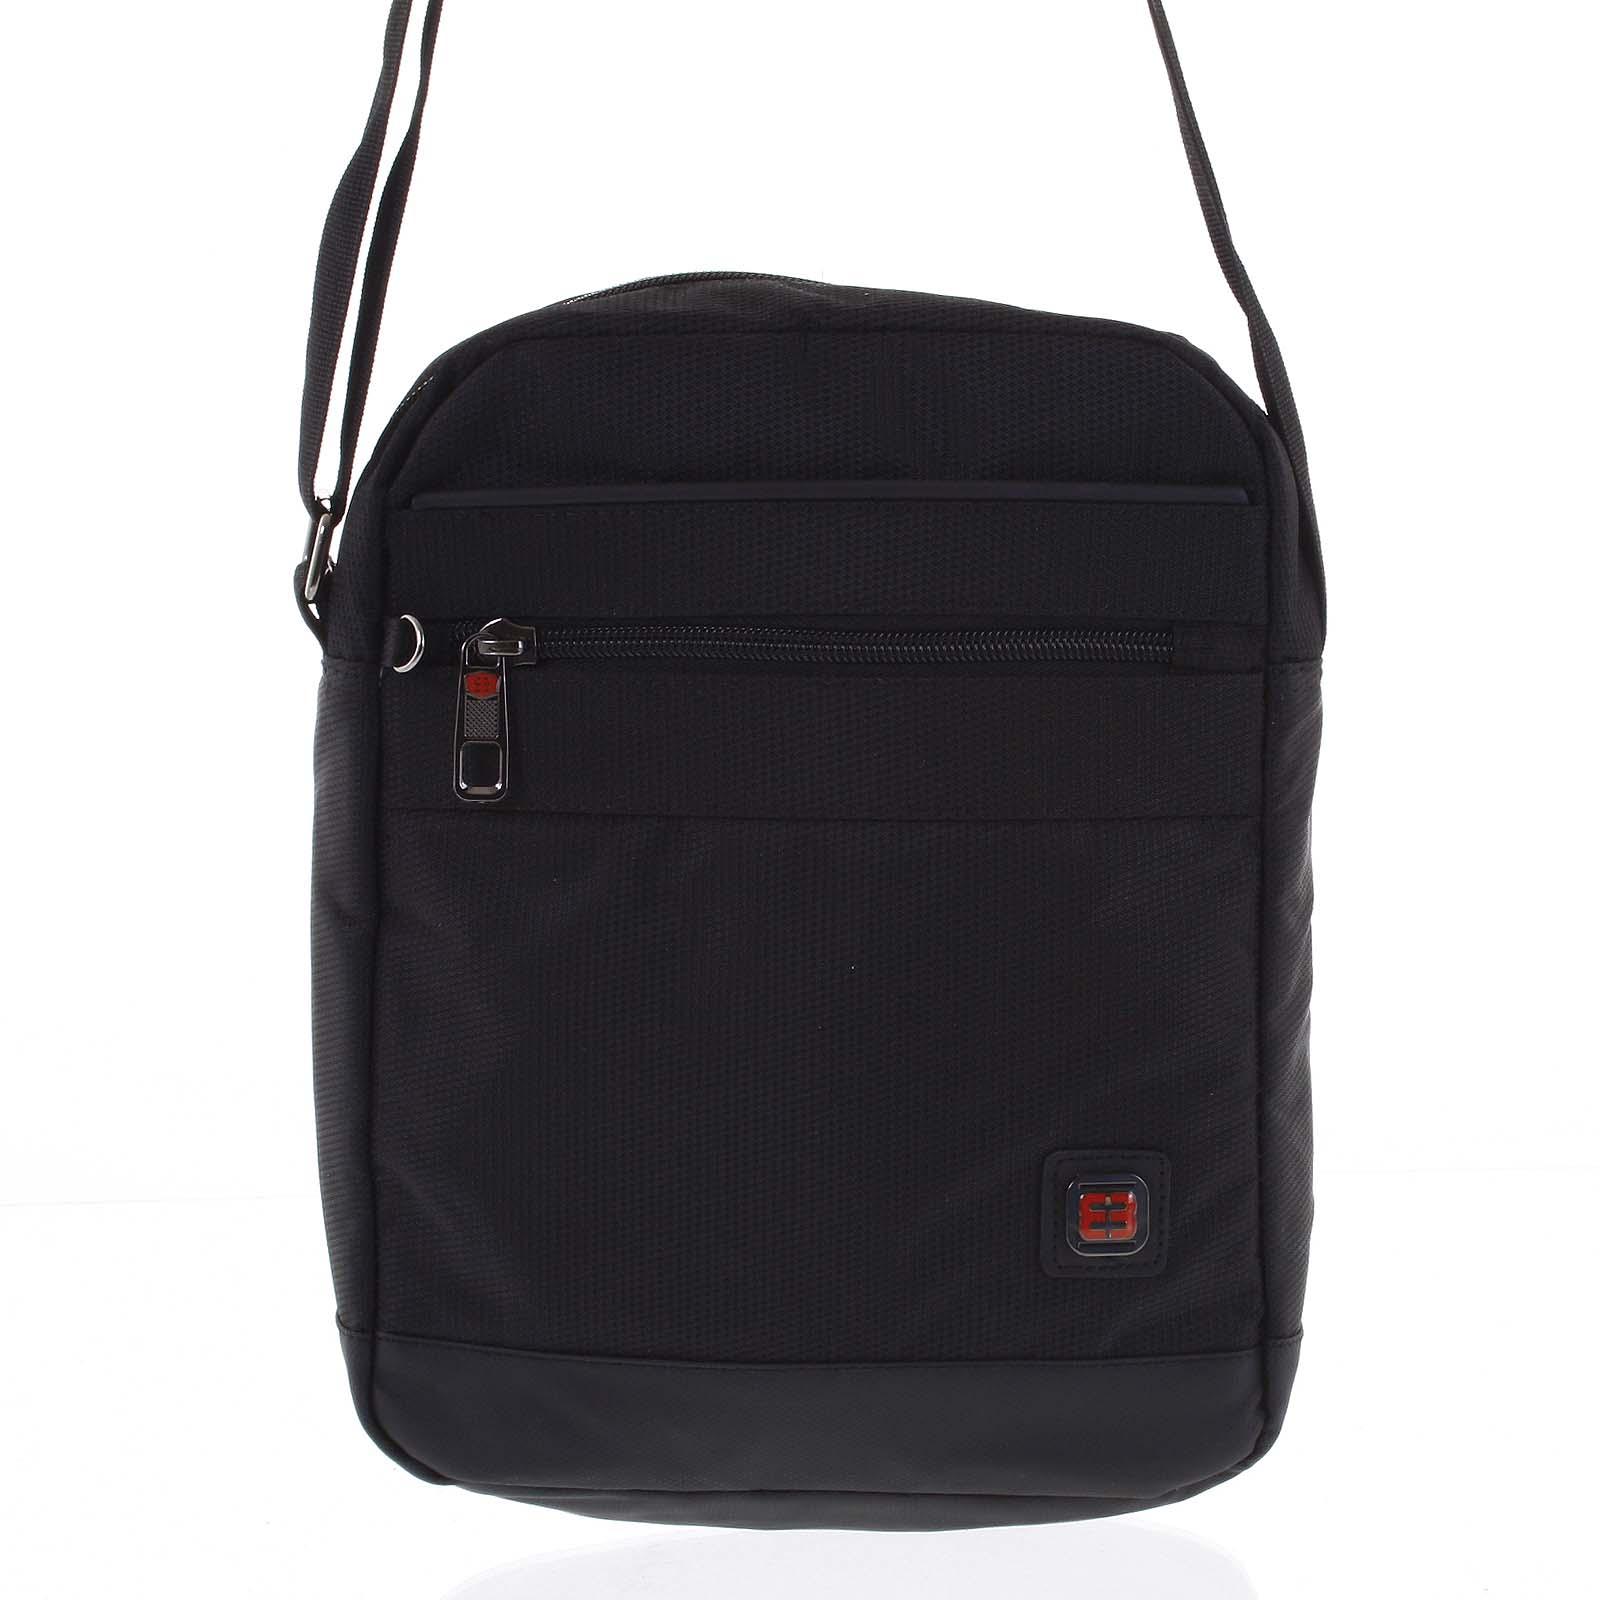 Športová taška na doklady čierna - Enrico Benetti Romal čierna